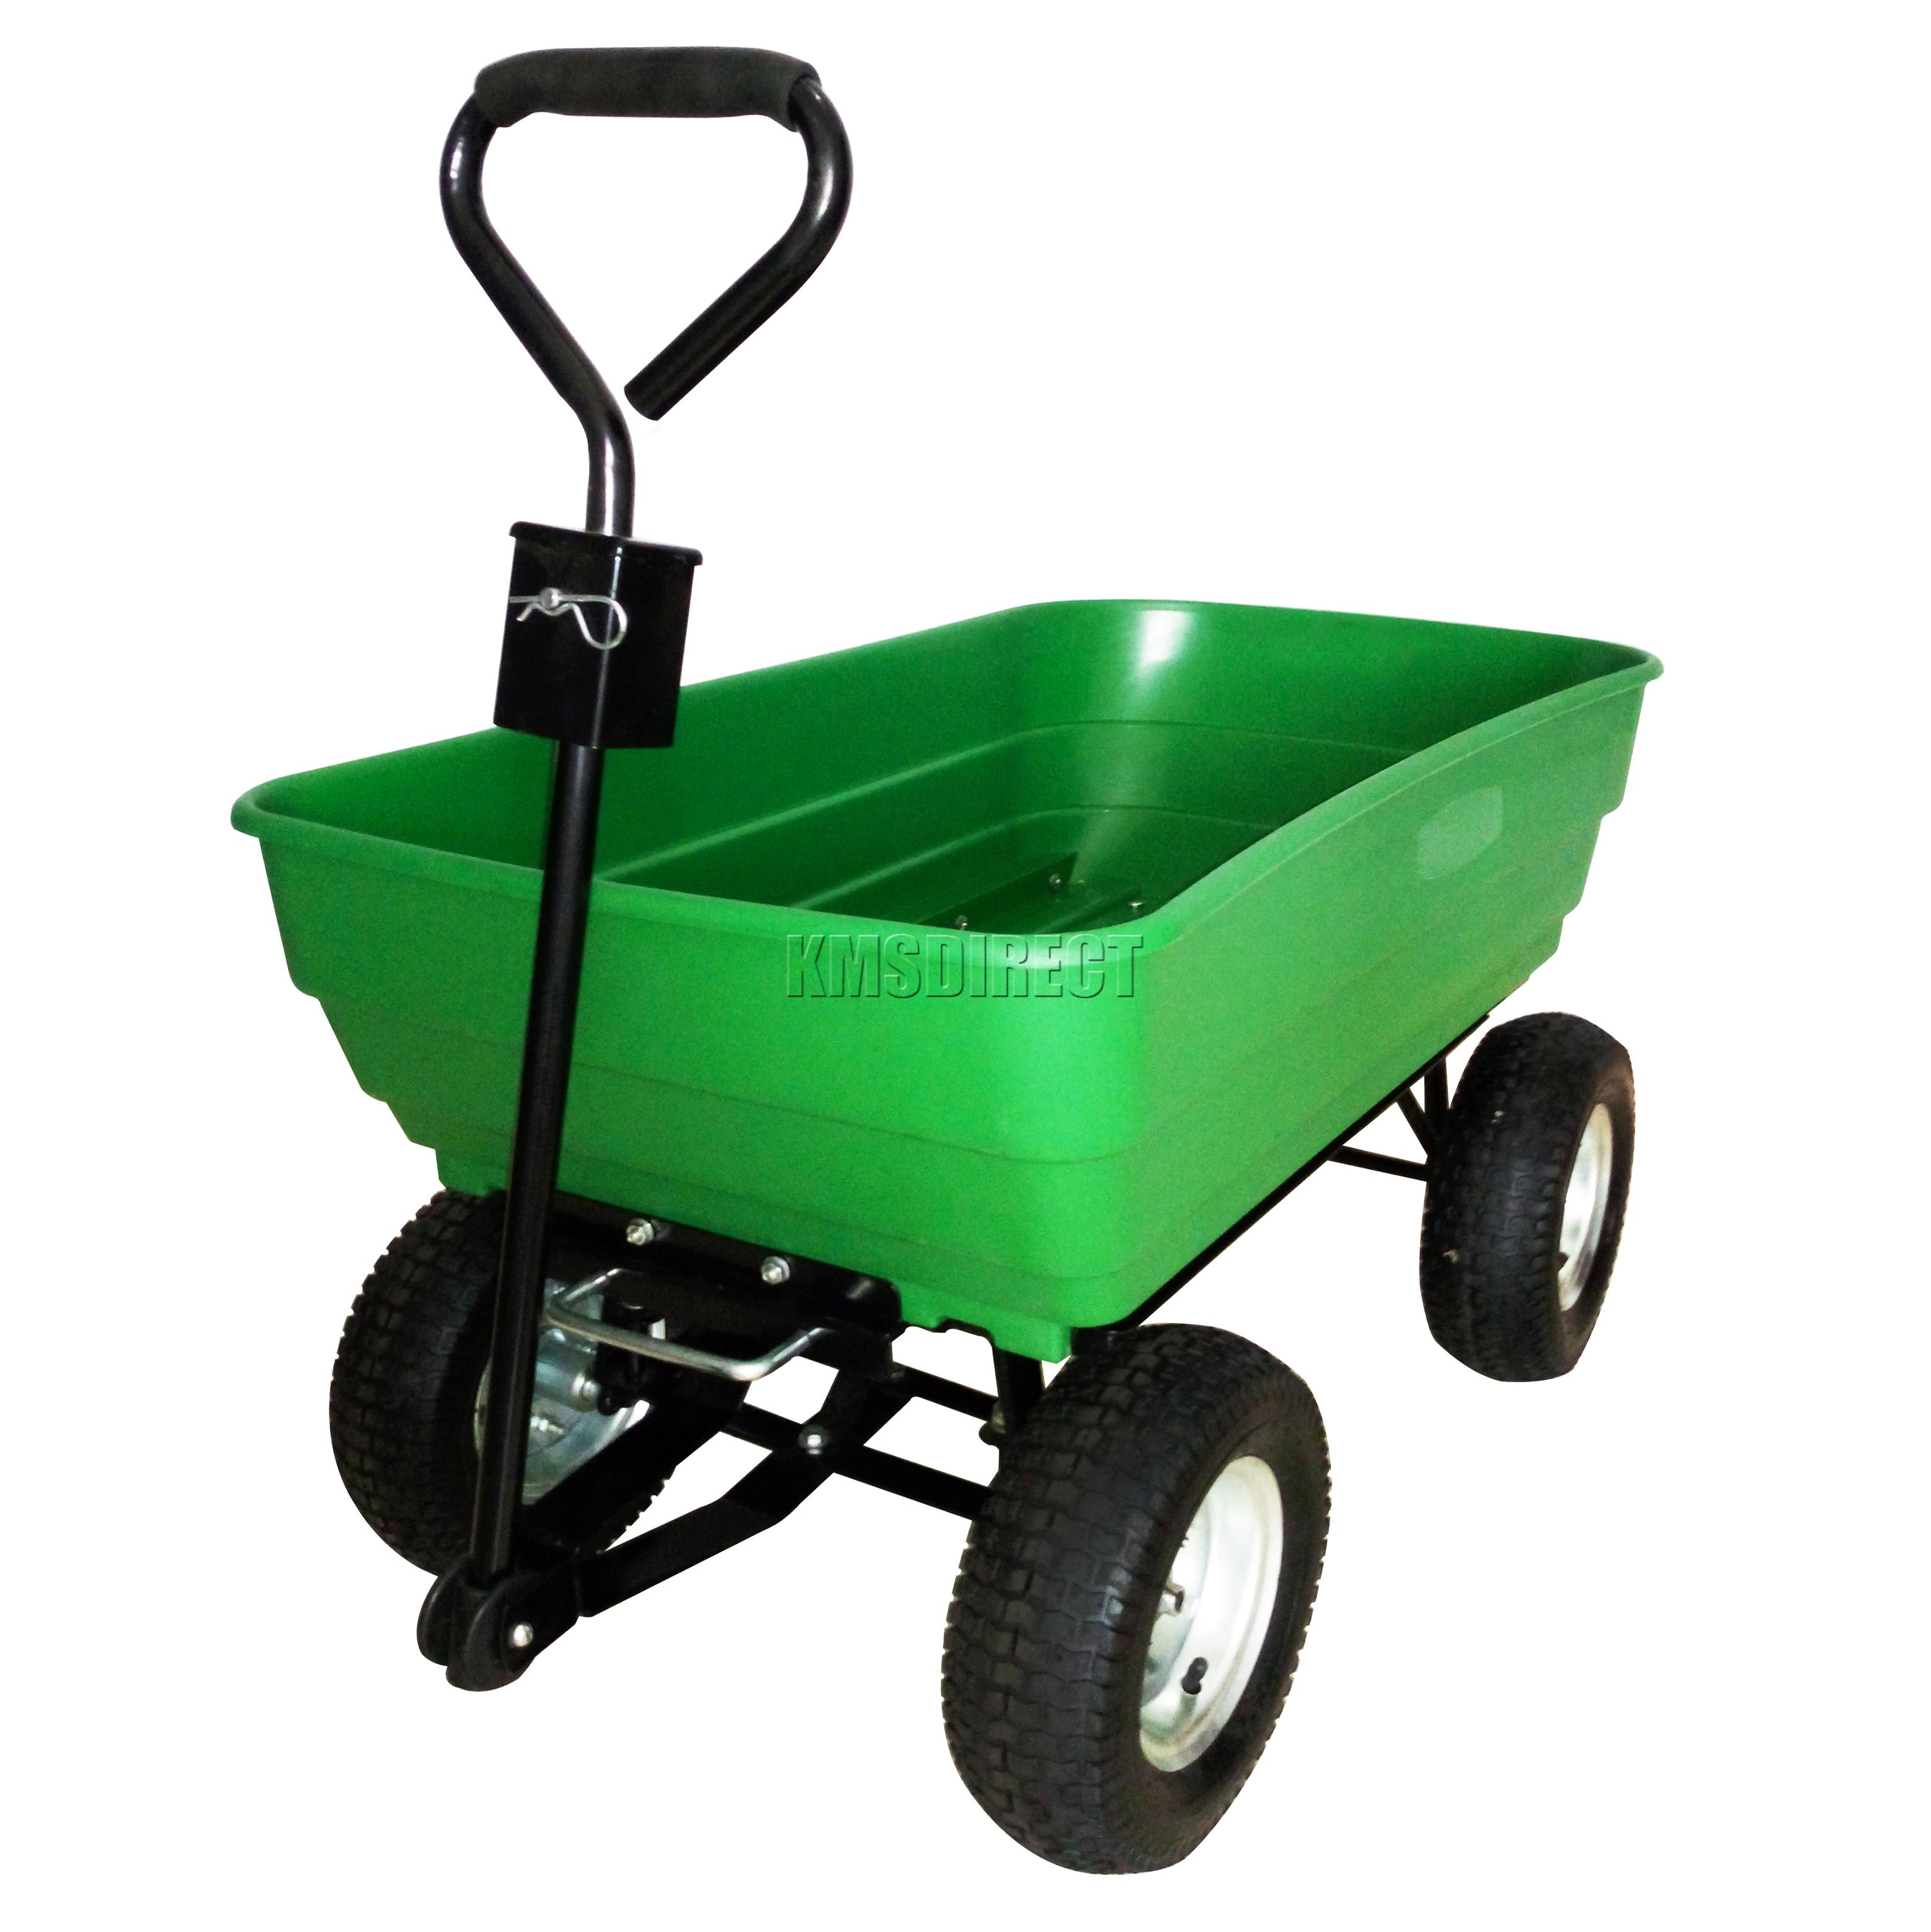 Foxhunter Garden Dump Truck Tipping Trailer Trolley Cart